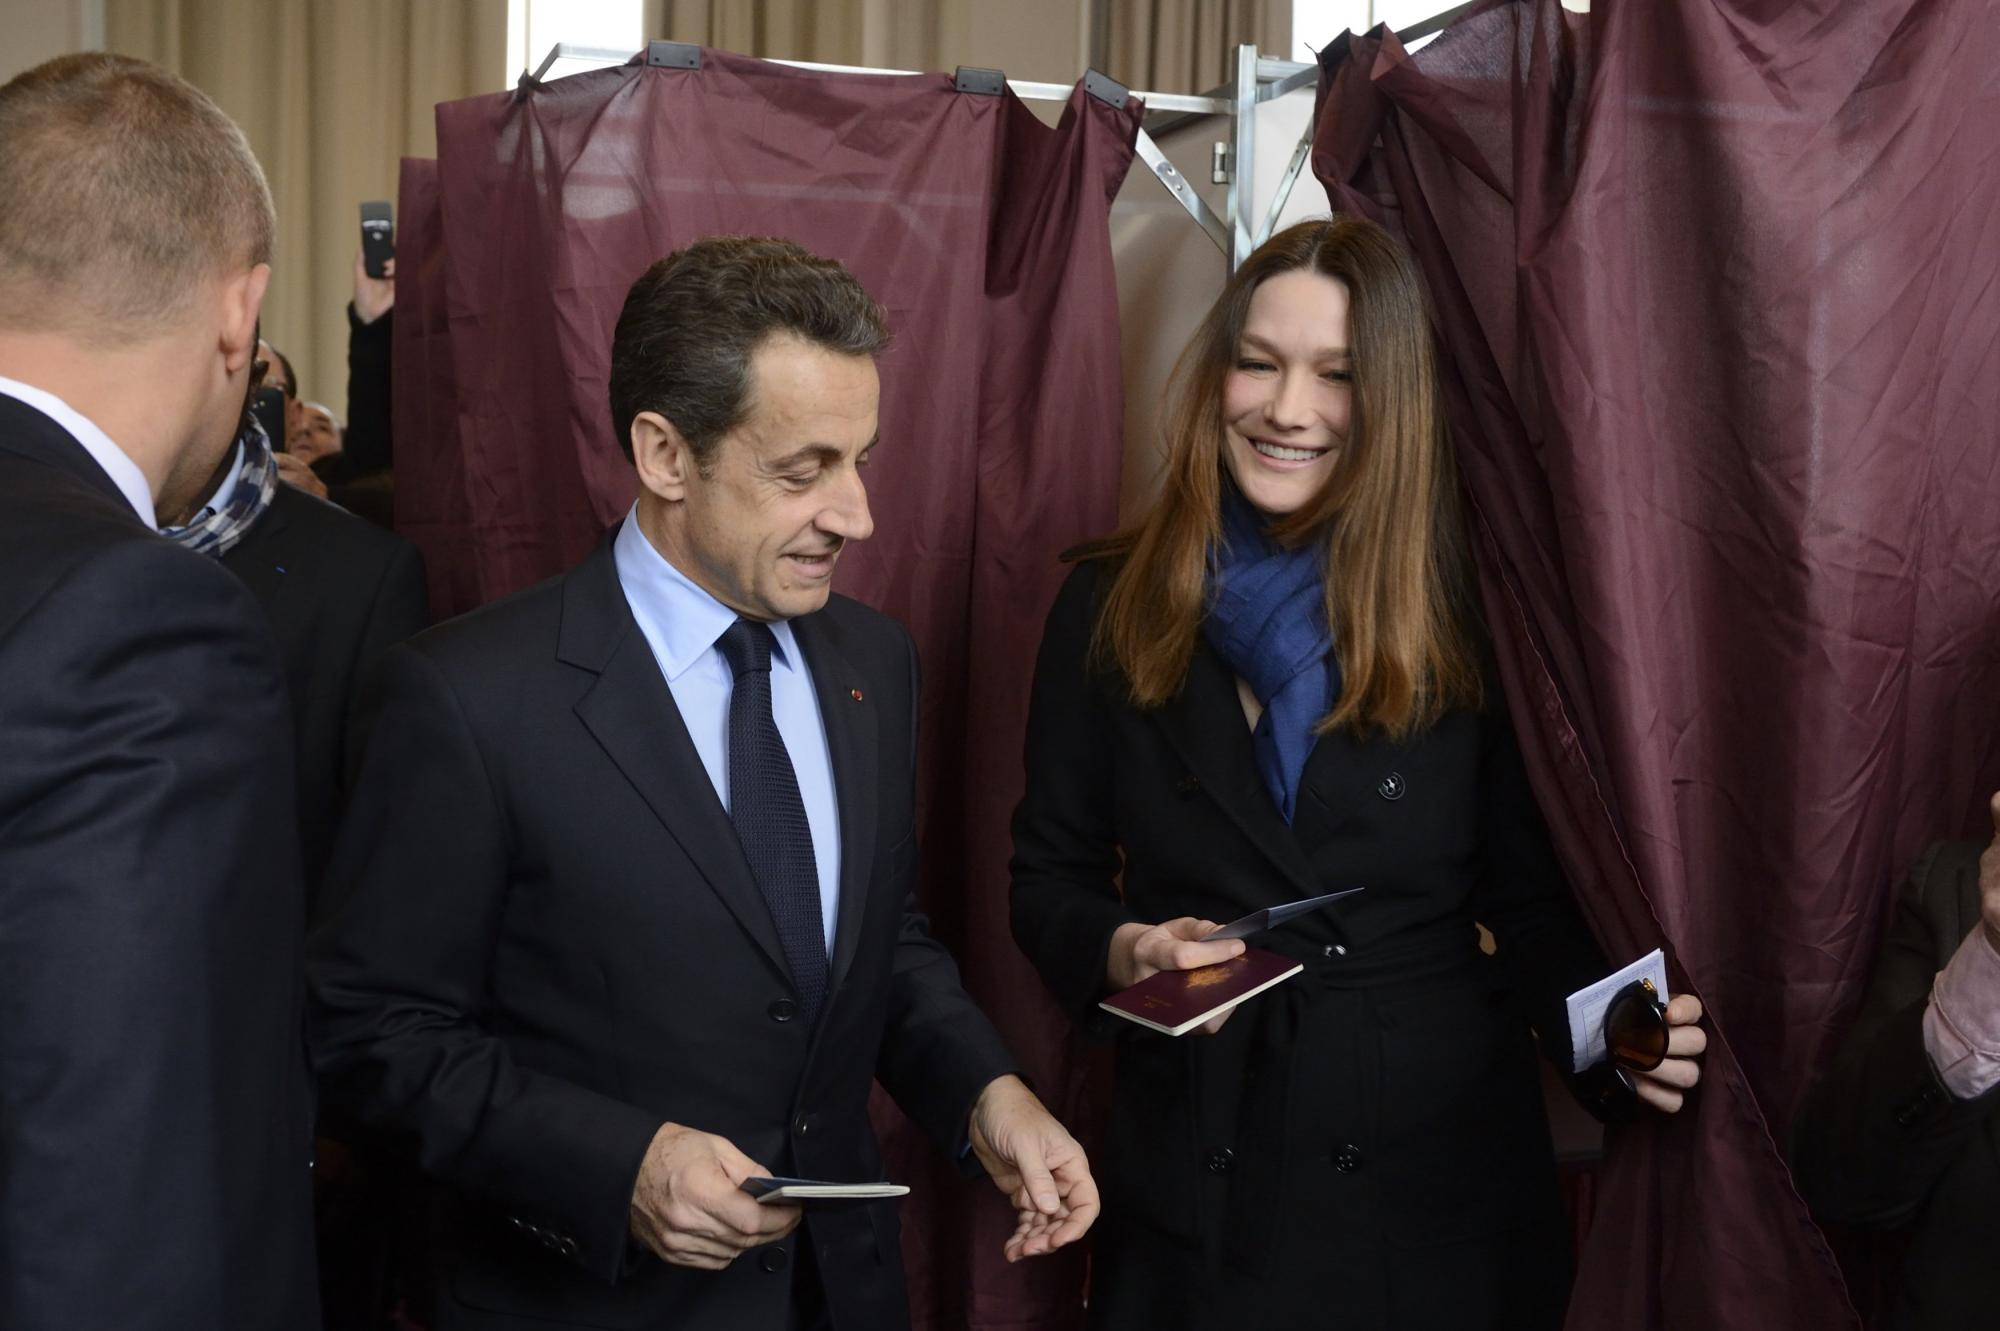 4月22日,布吕尼与萨科齐一起参加法国总统大选首轮投票